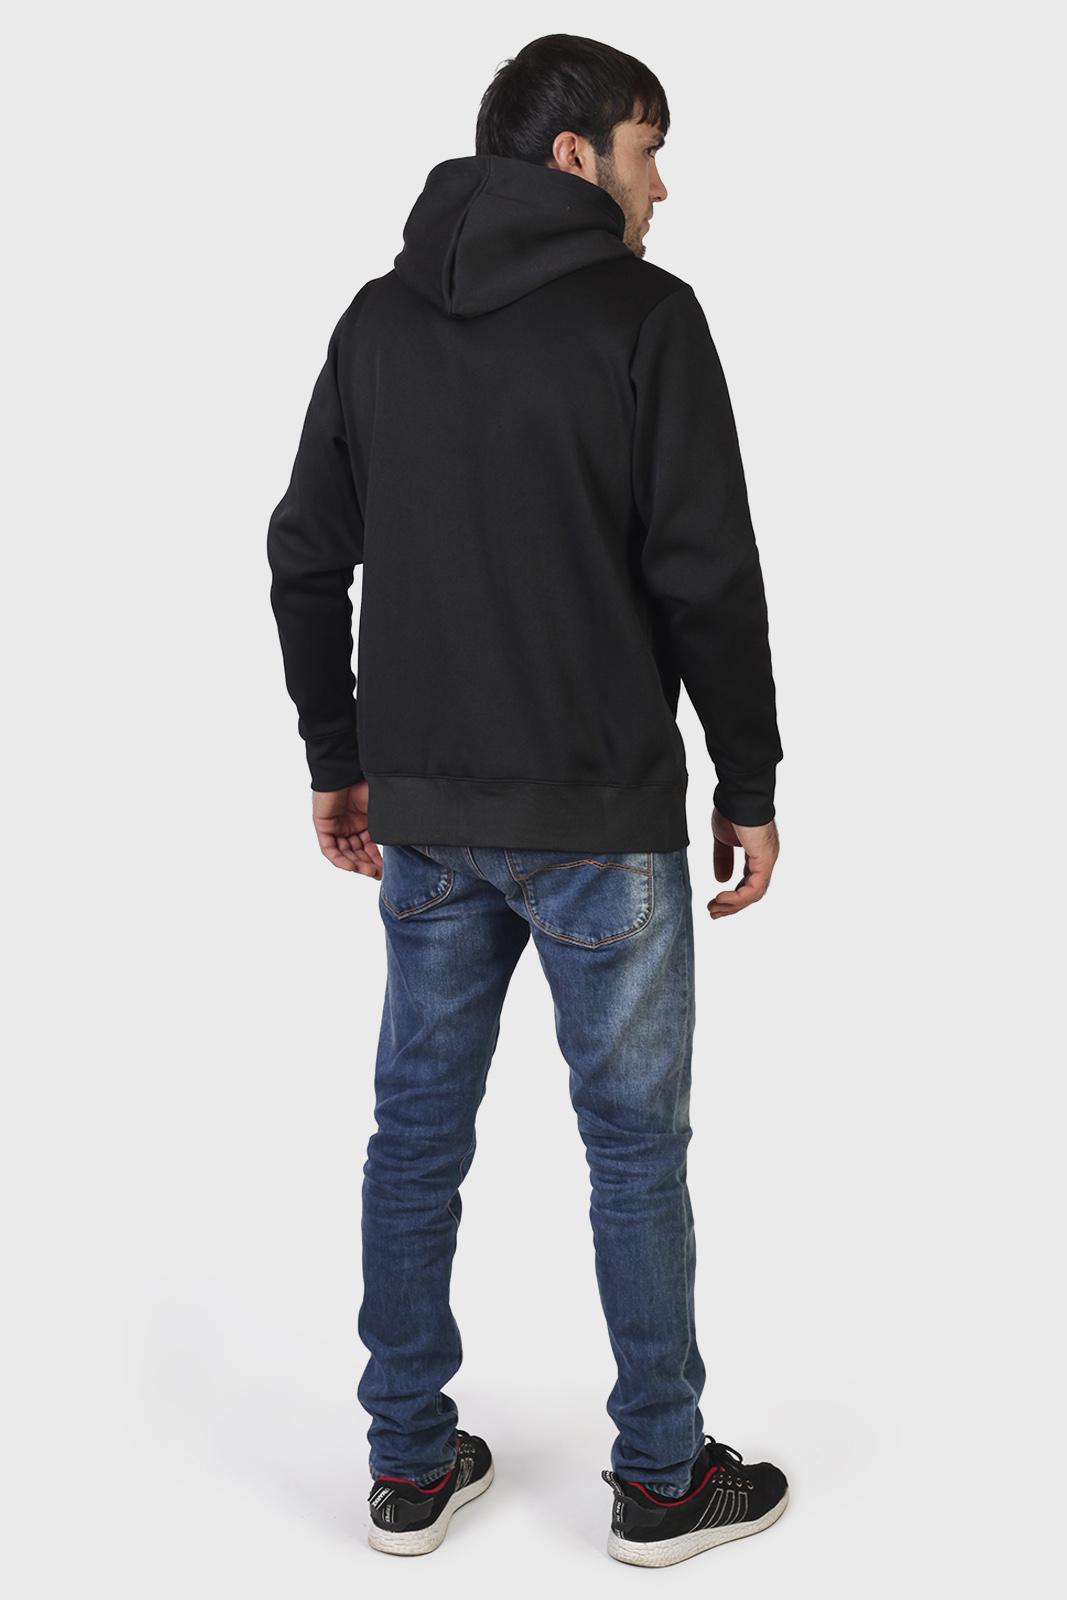 Мужская спортивная толстовка с нашивкой 22 гв. ОБрСпН купить оптом